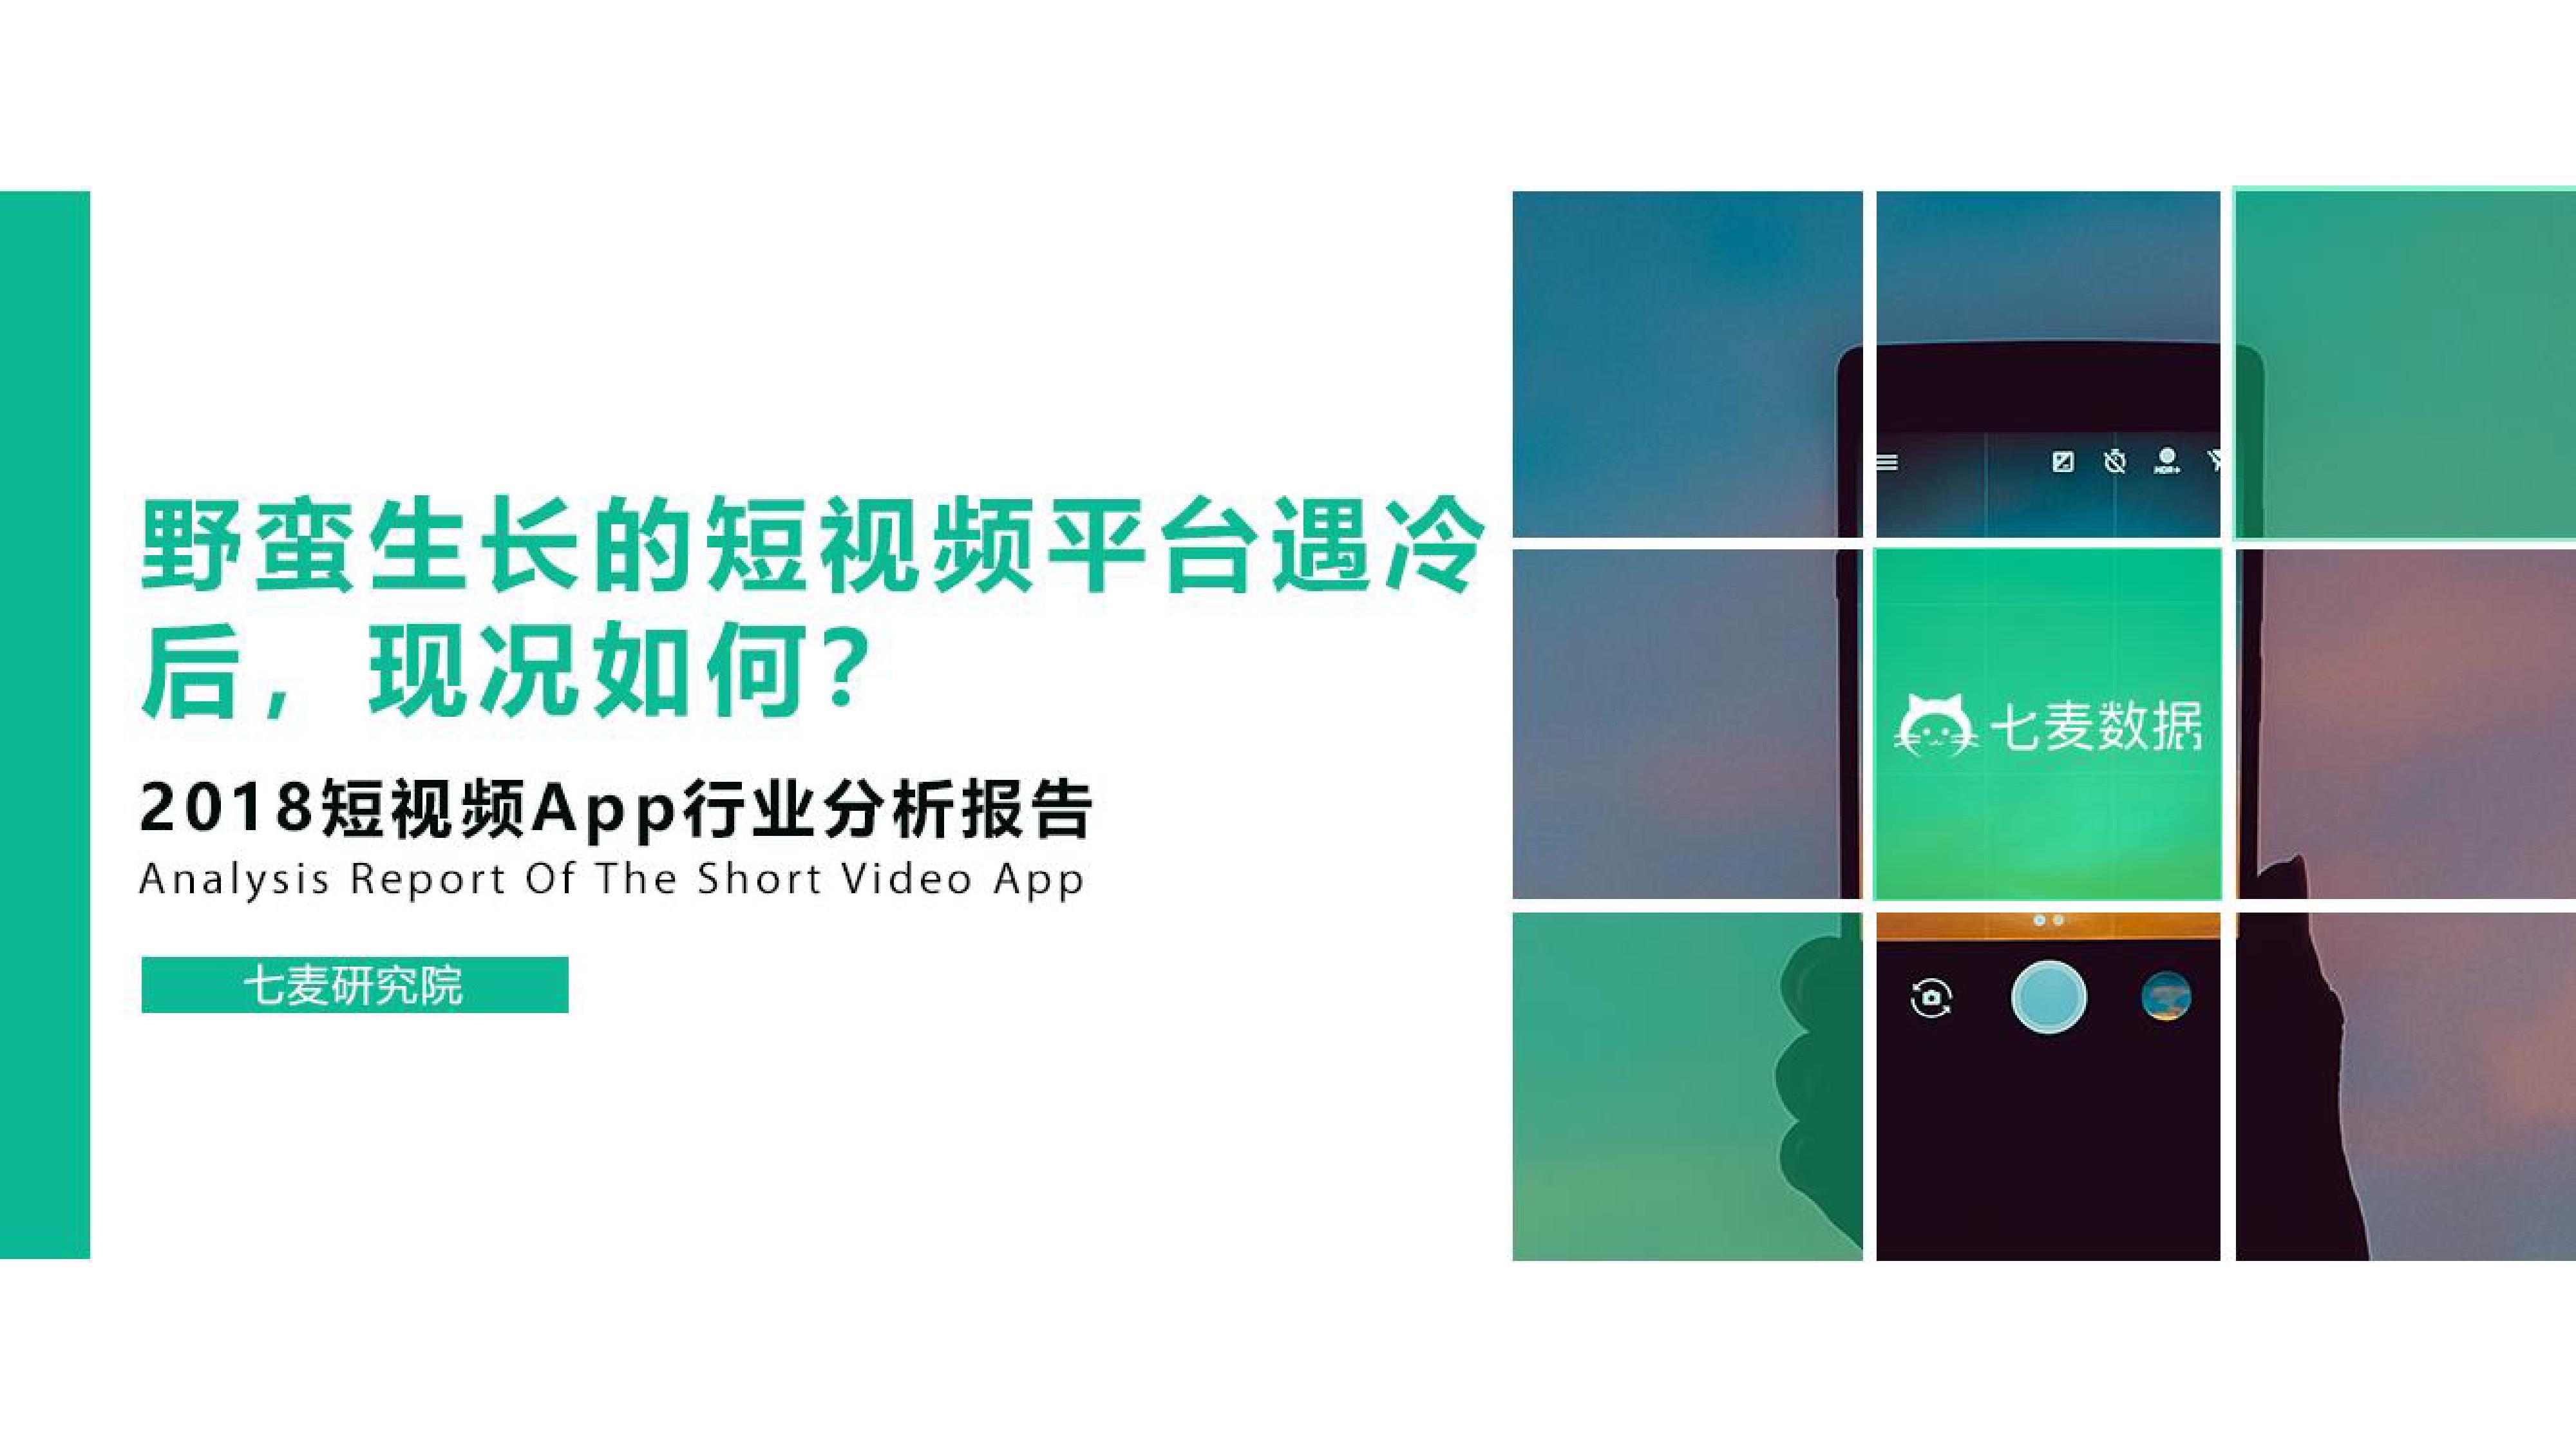 七麦数据:2018短视频App行业分析报告